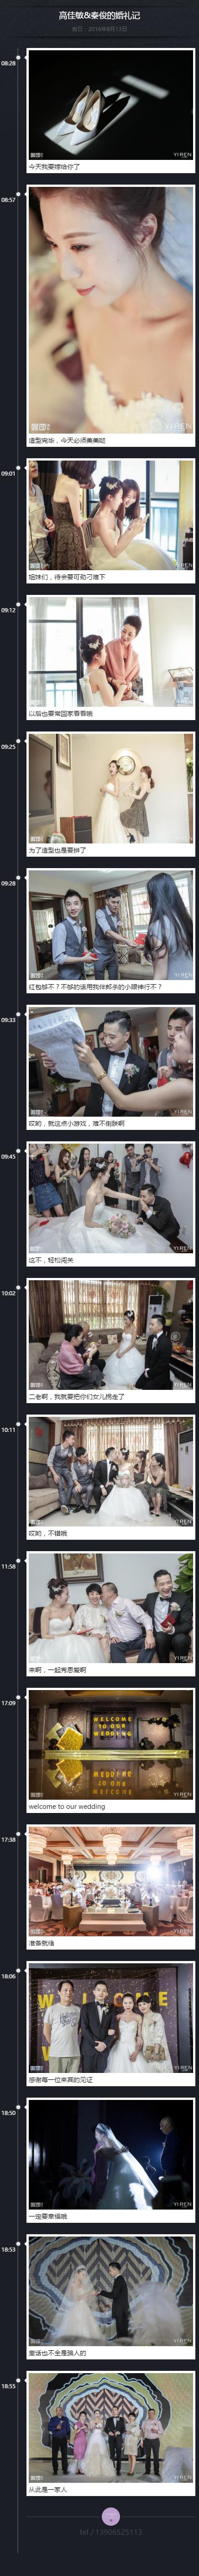 喔图-婚礼纪